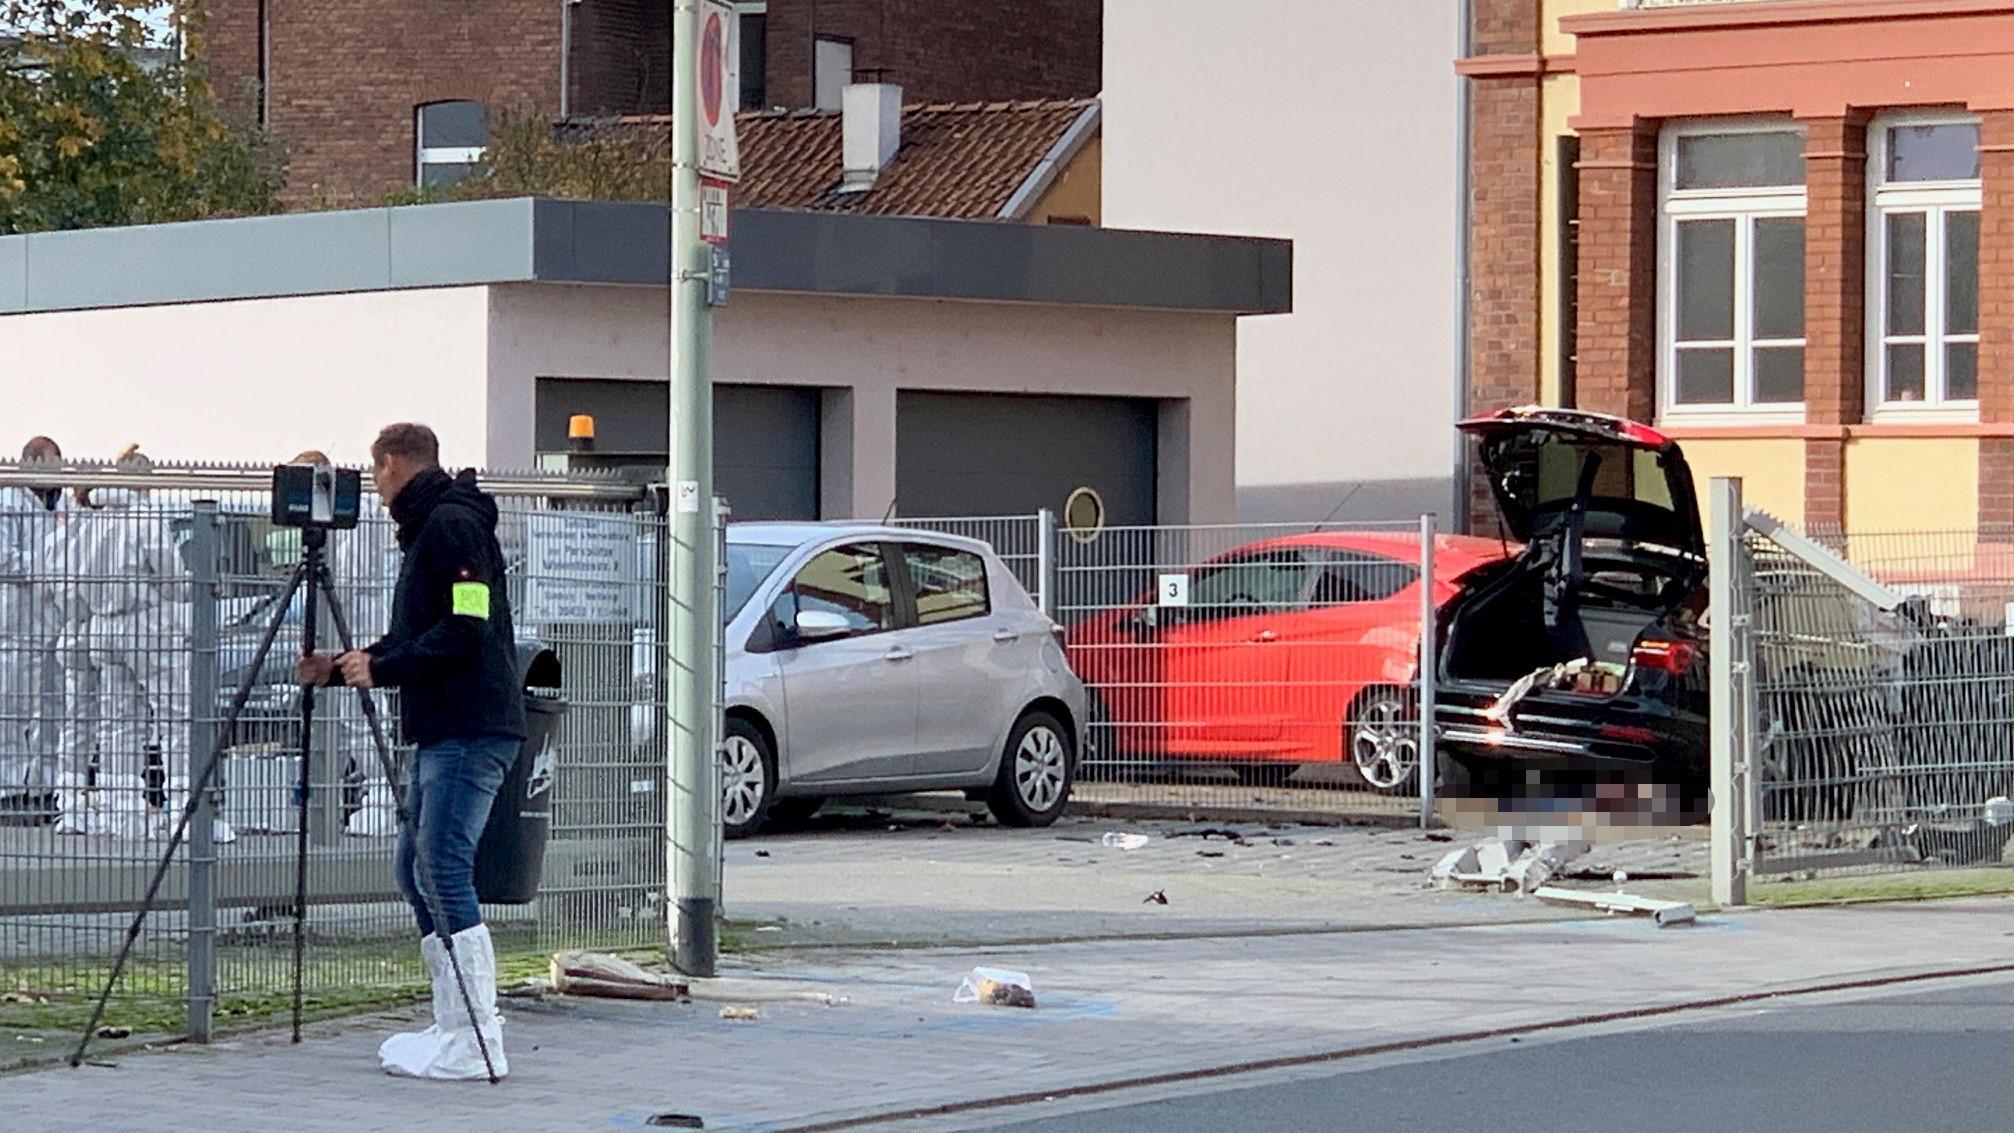 Ehefrau (31) angefahren und ermordet: Axt-Mörder von Limburg hatte Kontaktverbot - RTL Online